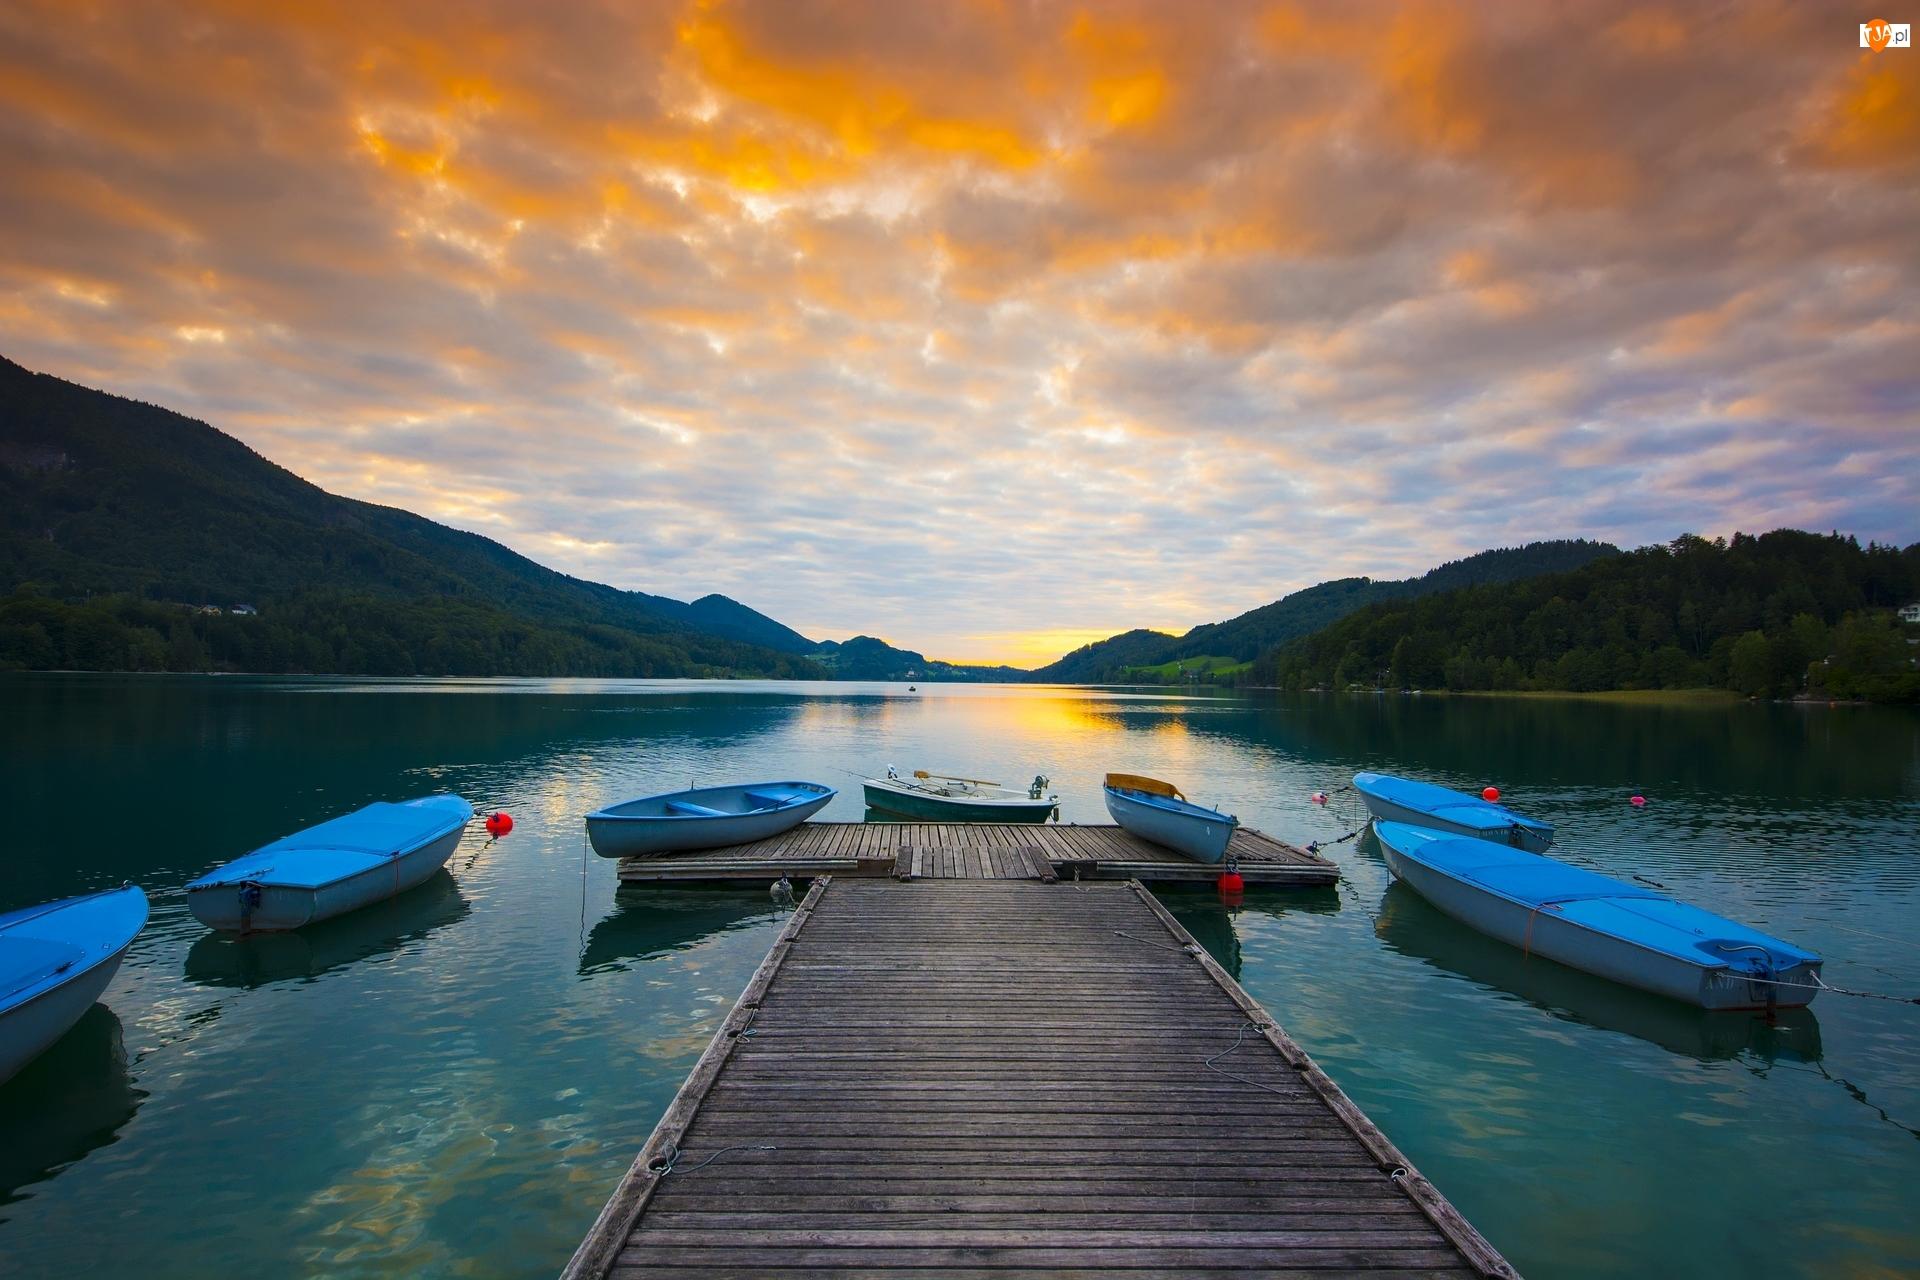 Pomost, Wschód słońca, Łódki, Jezioro, Drzewa